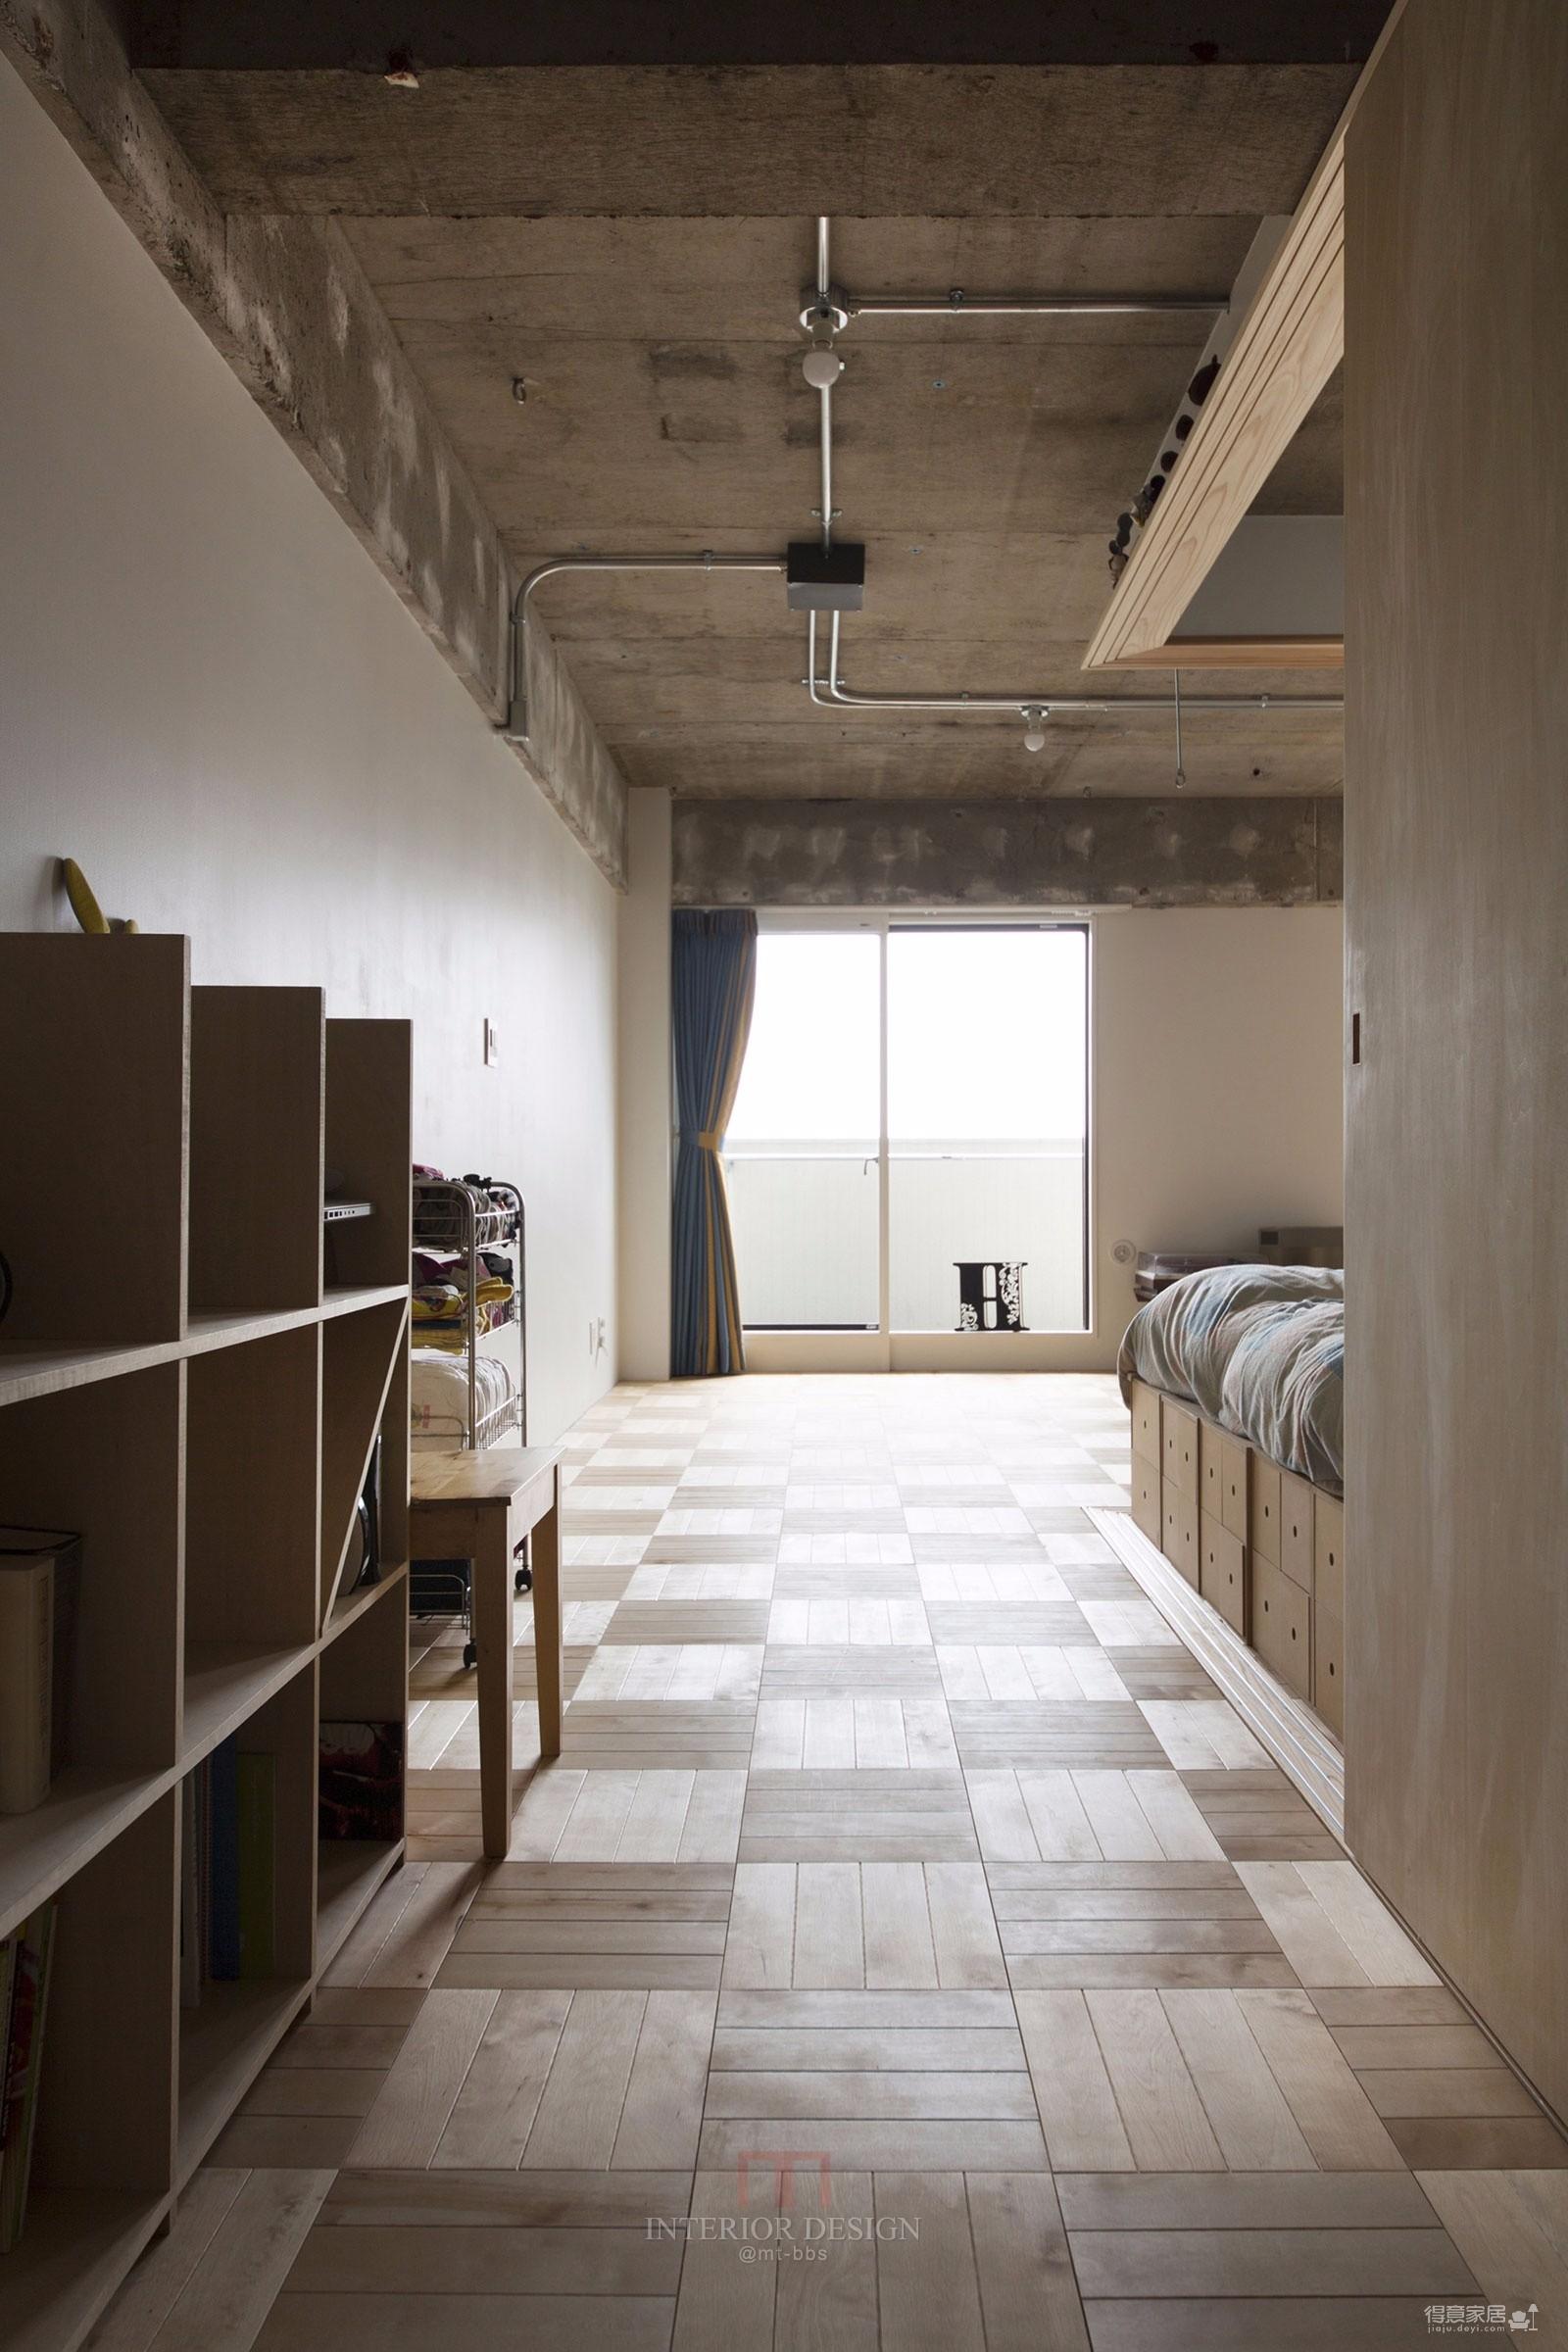 房子设计的好,比多买10平米都值!图_2